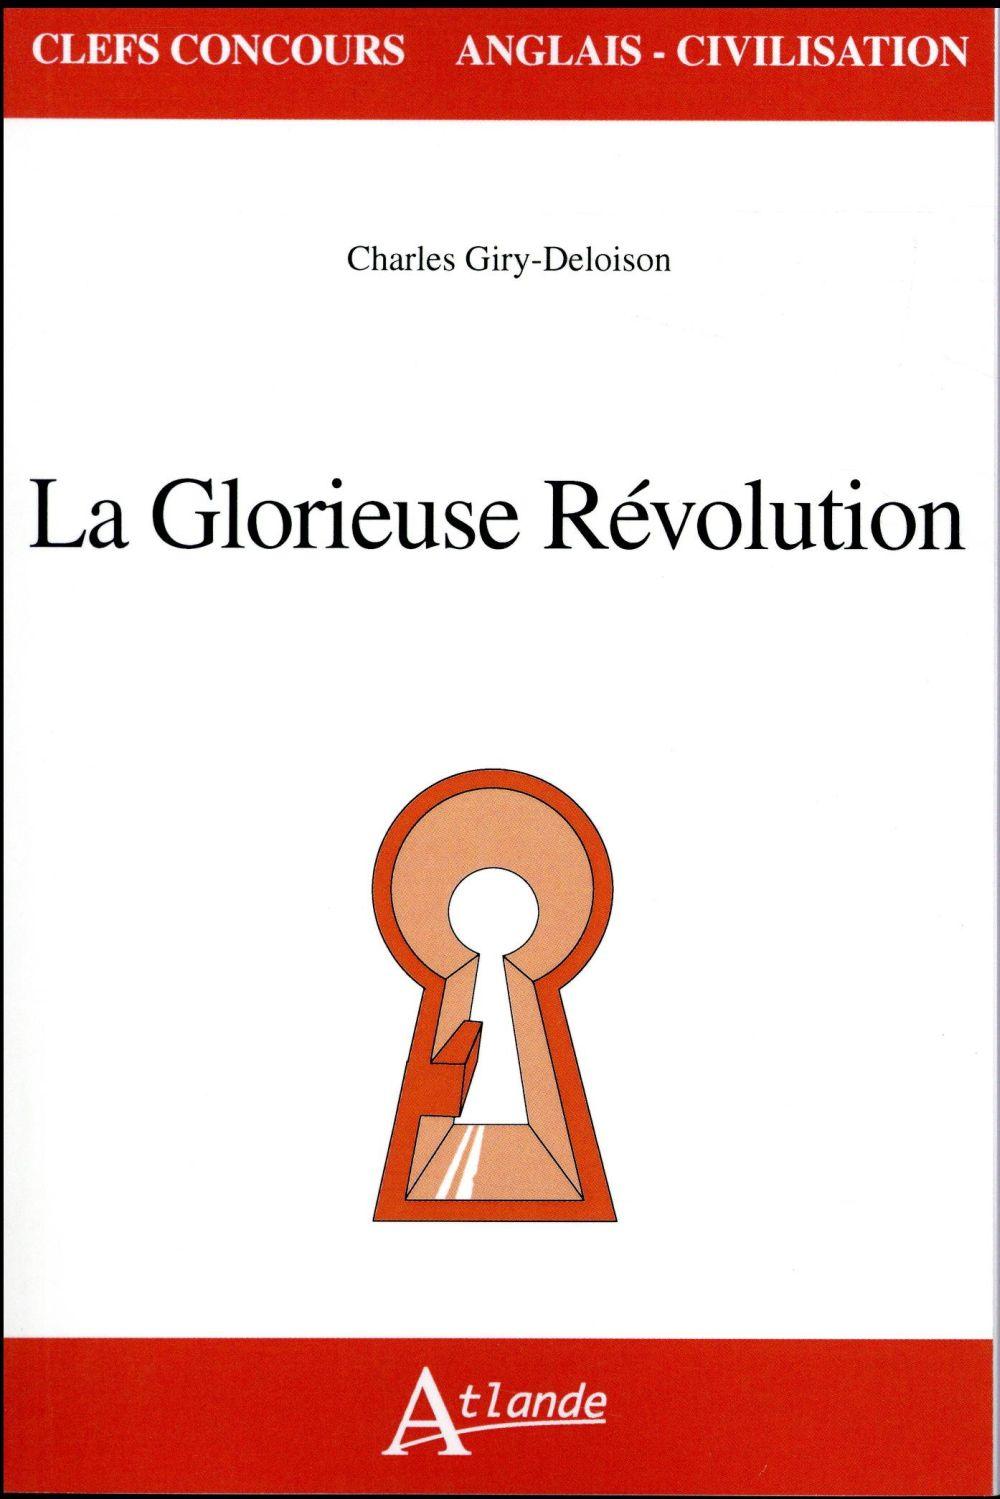 LA GLORIEUSE REVOLUTION